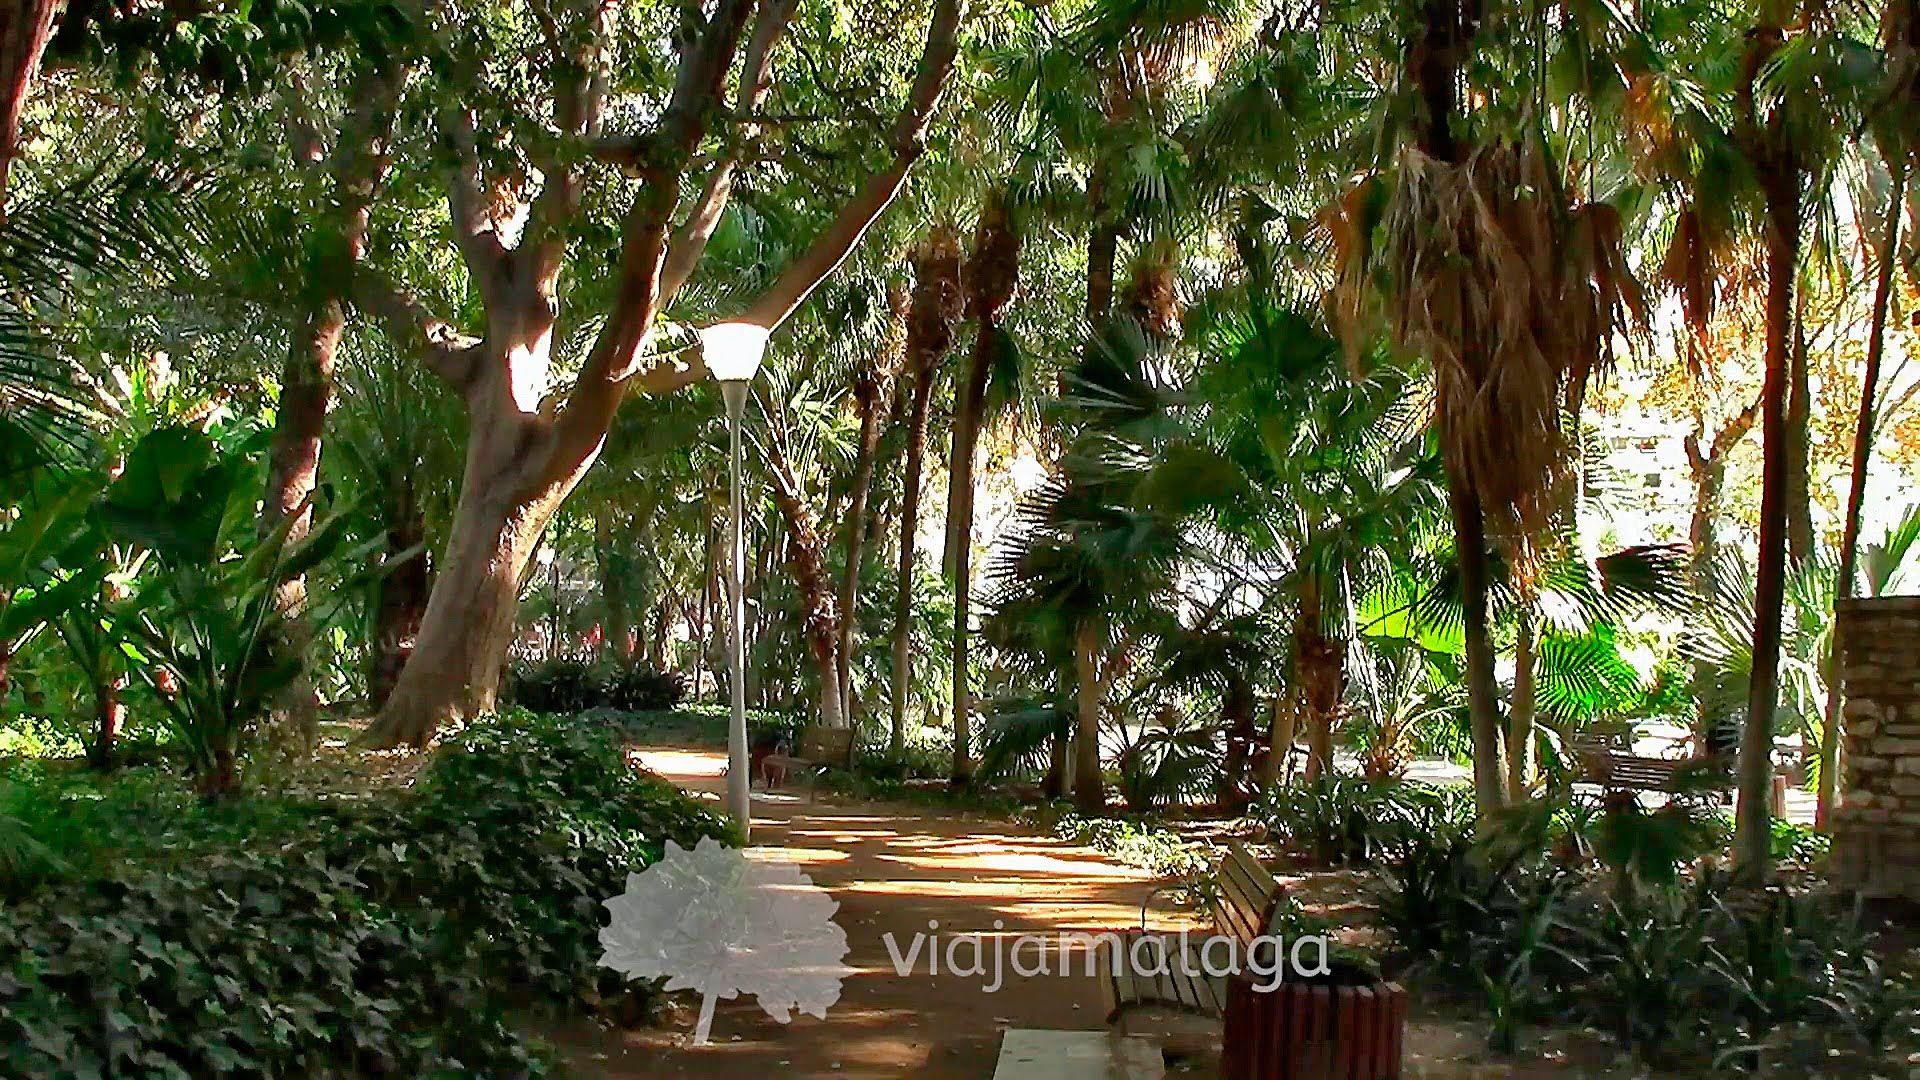 Vídeo del Parque de Málaga o Paseo del Parque.